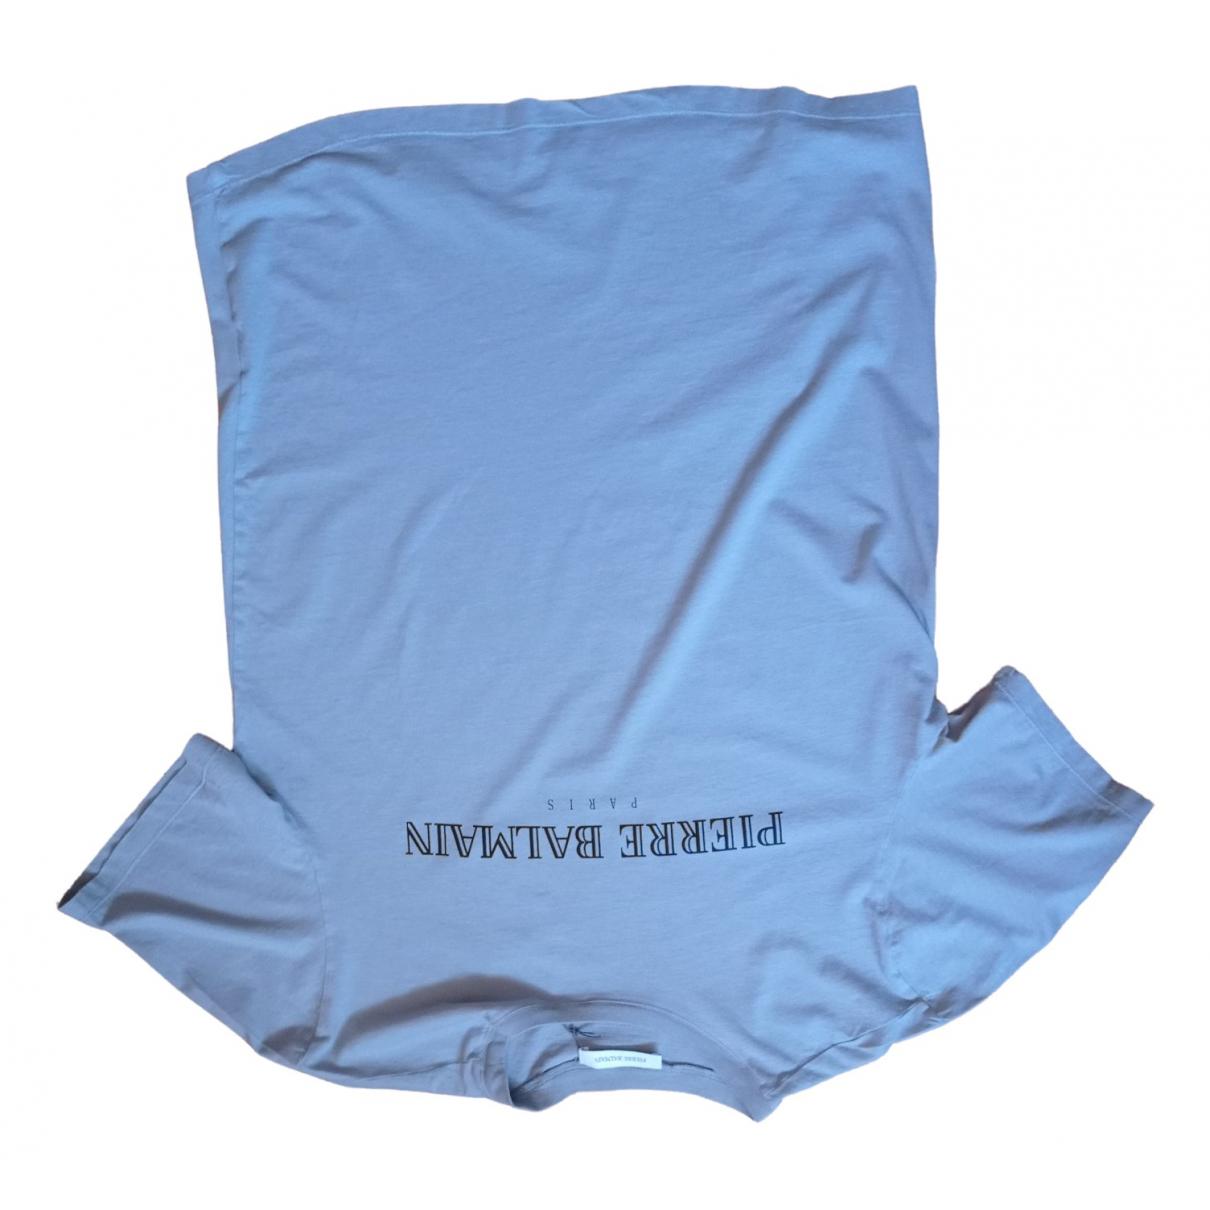 Pierre Balmain - Tee shirts   pour homme en coton - gris